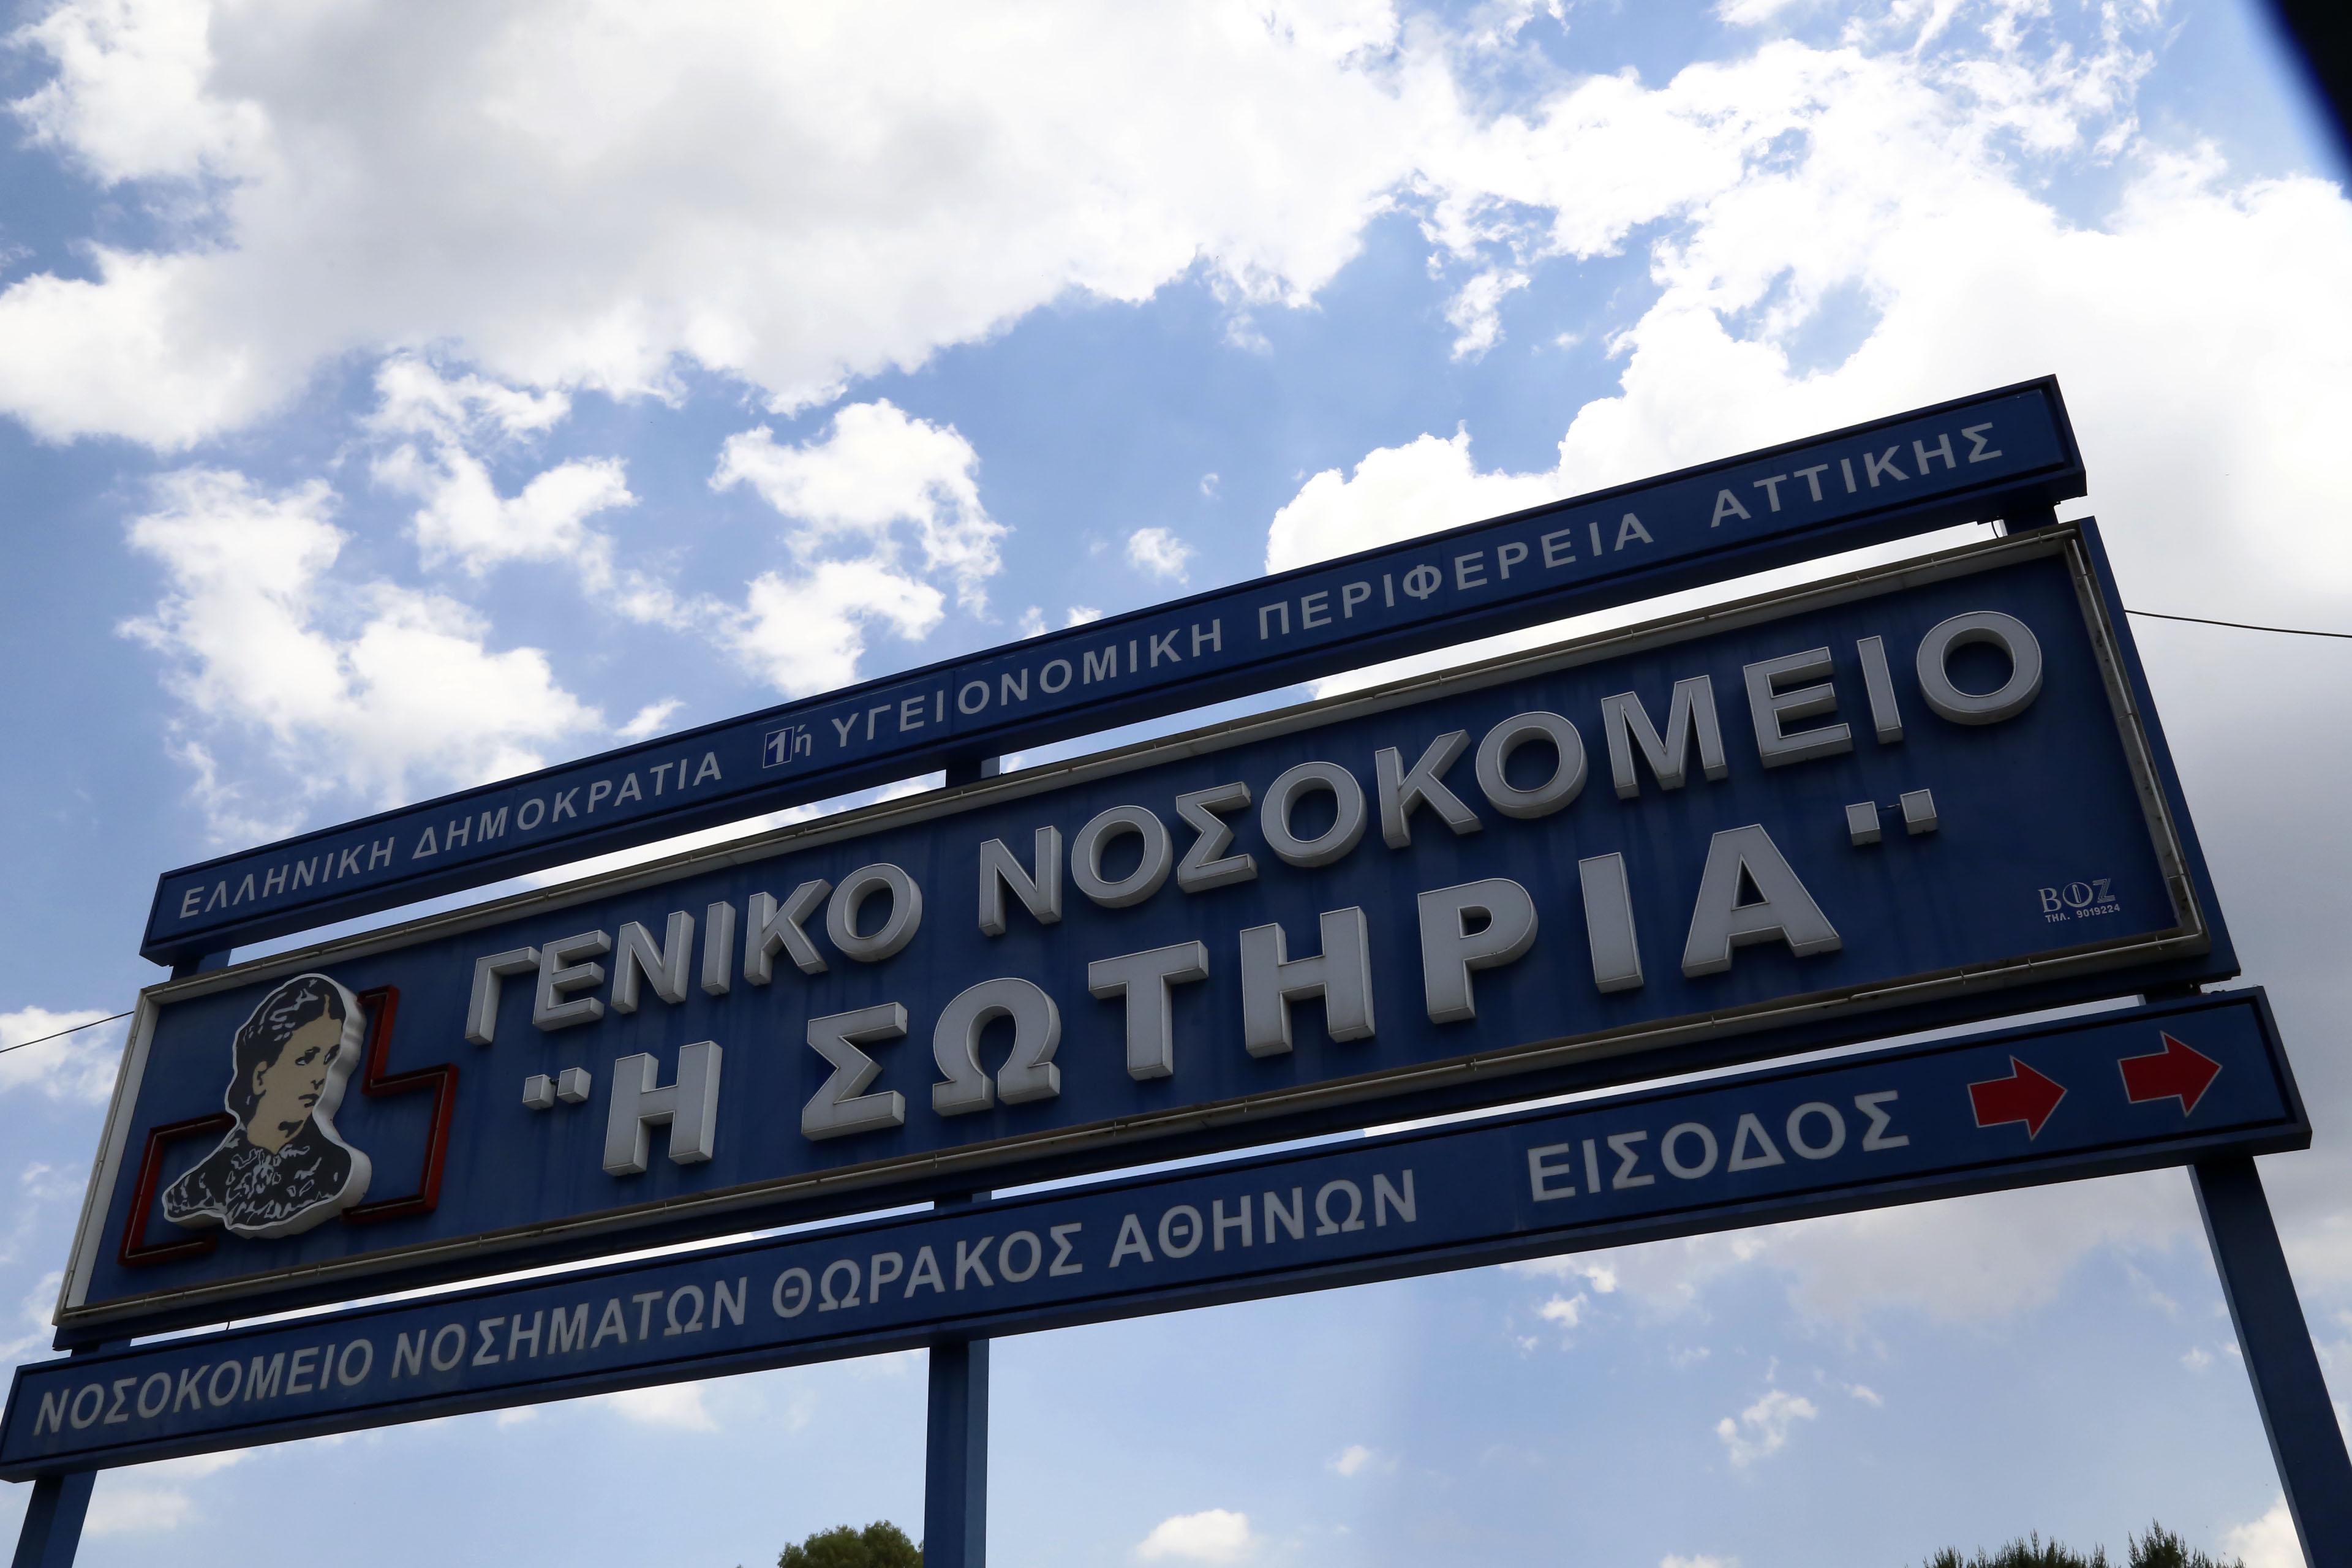 Εισβολή συνδικαλιστών στο γραφείο του διοικητή του «Σωτηρία»   tovima.gr